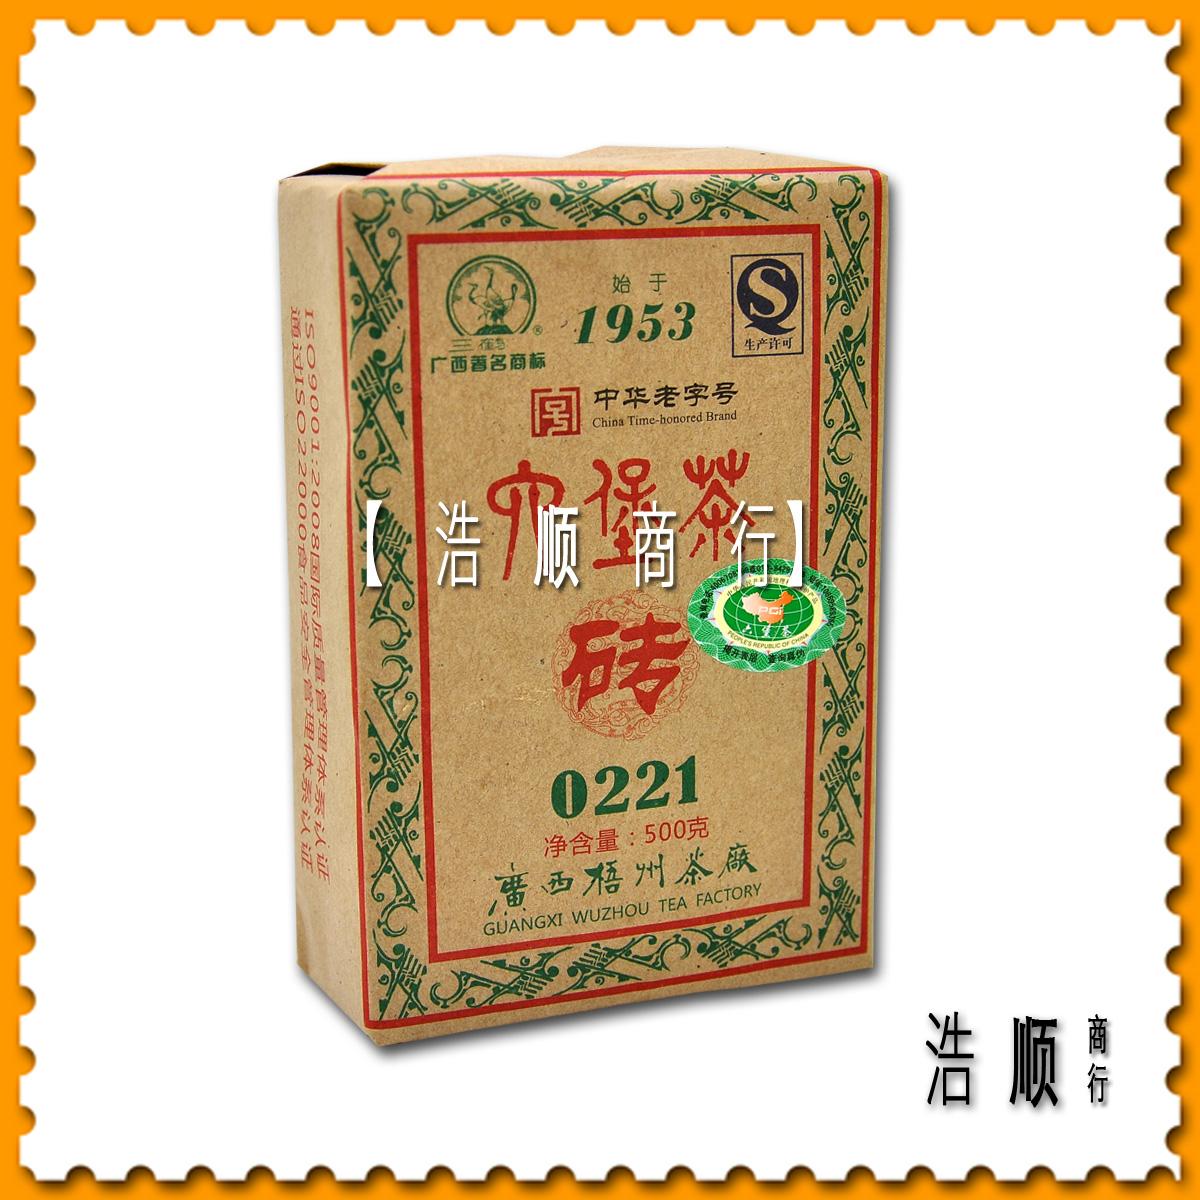 〓三鹤授权店〓【浩顺商行】梧州茶厂2013年三鹤特级0221六堡茶砖